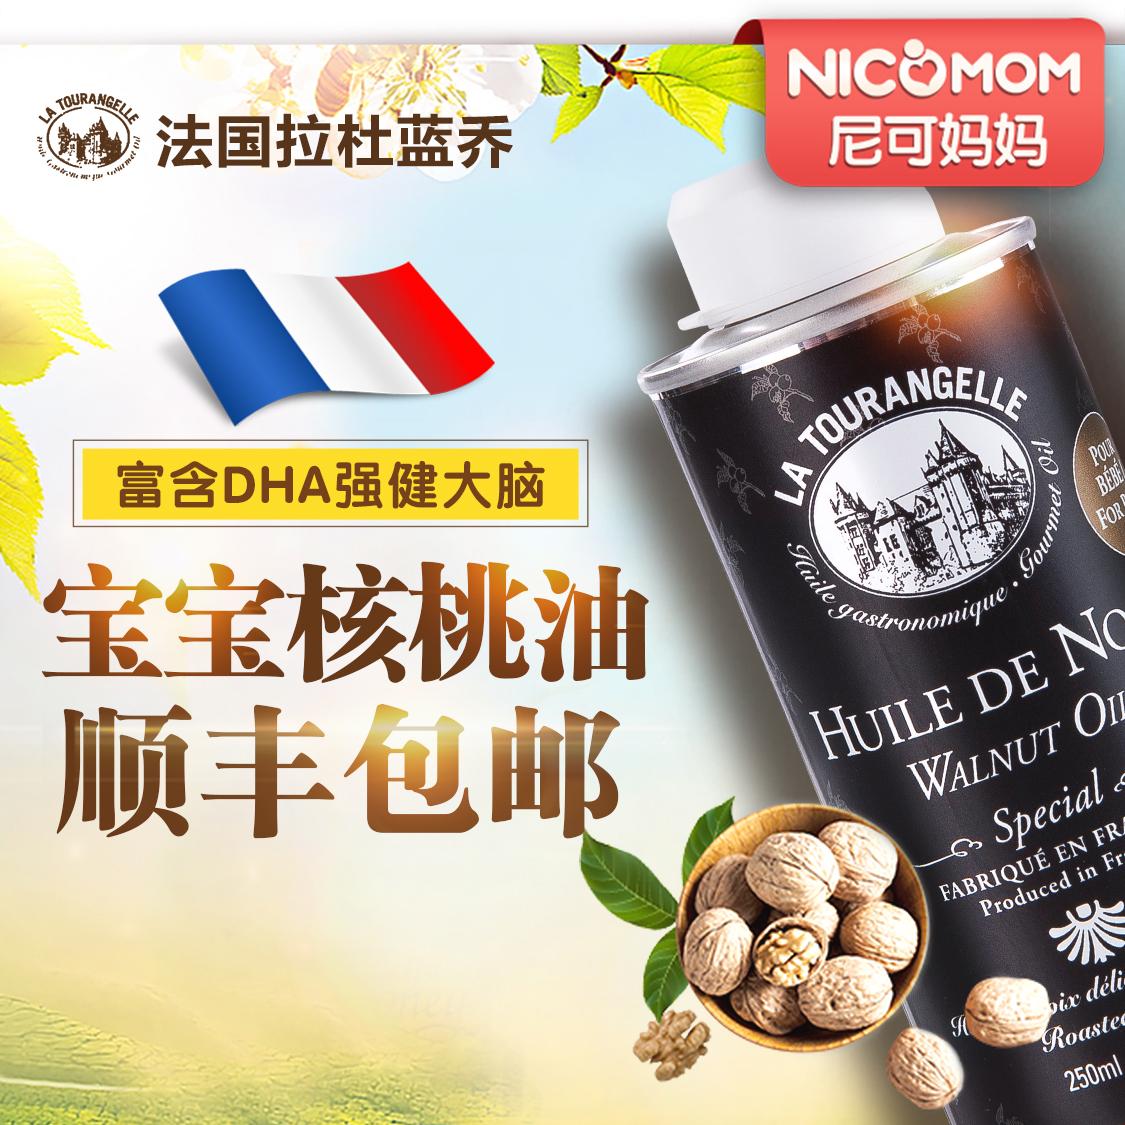 法国进口LaTourangelle拉杜蓝乔宝宝婴幼儿童食用核桃油DHA营养品